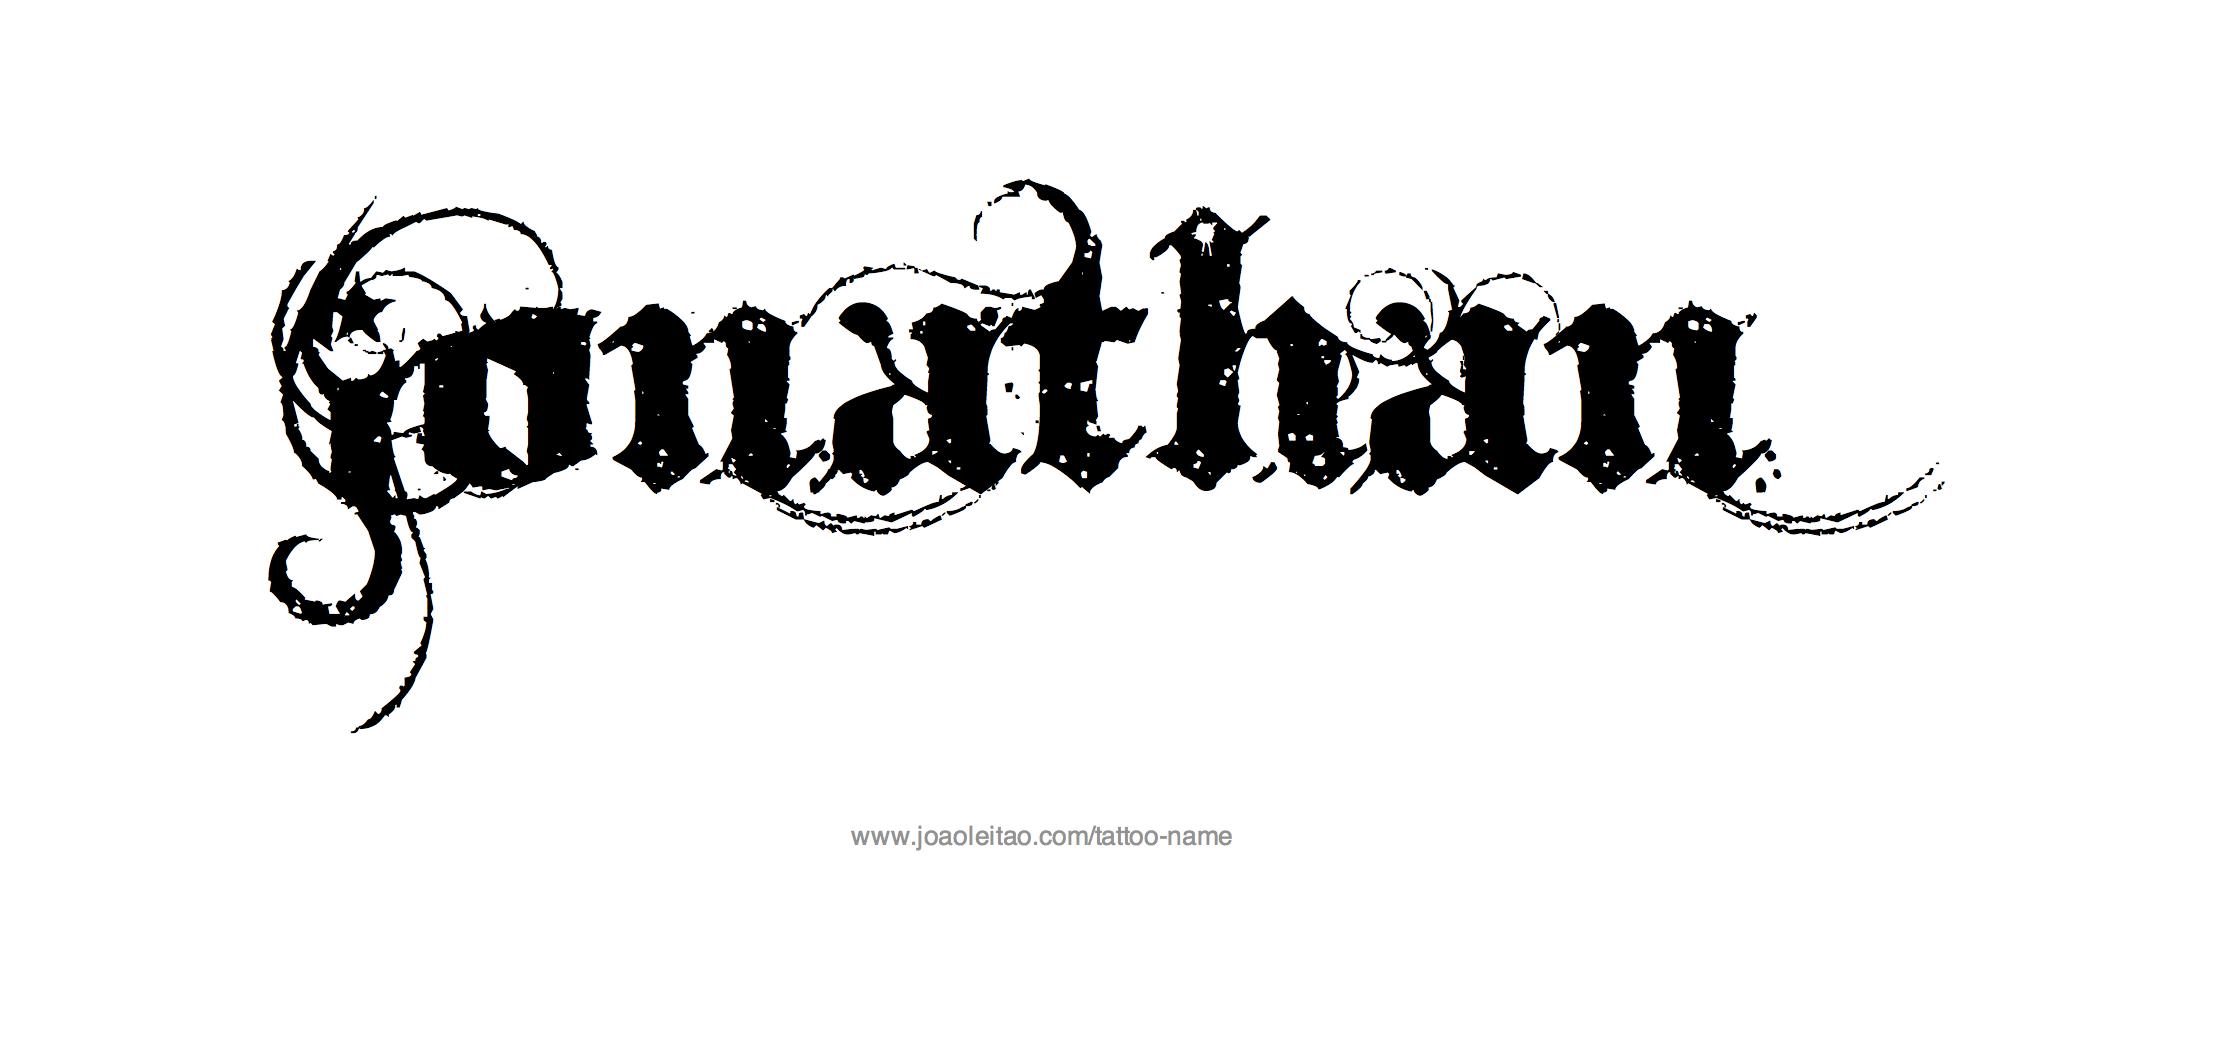 Jonathan Name Tattoo Designs Name Tattoos Name Tattoo Designs Name Tattoo